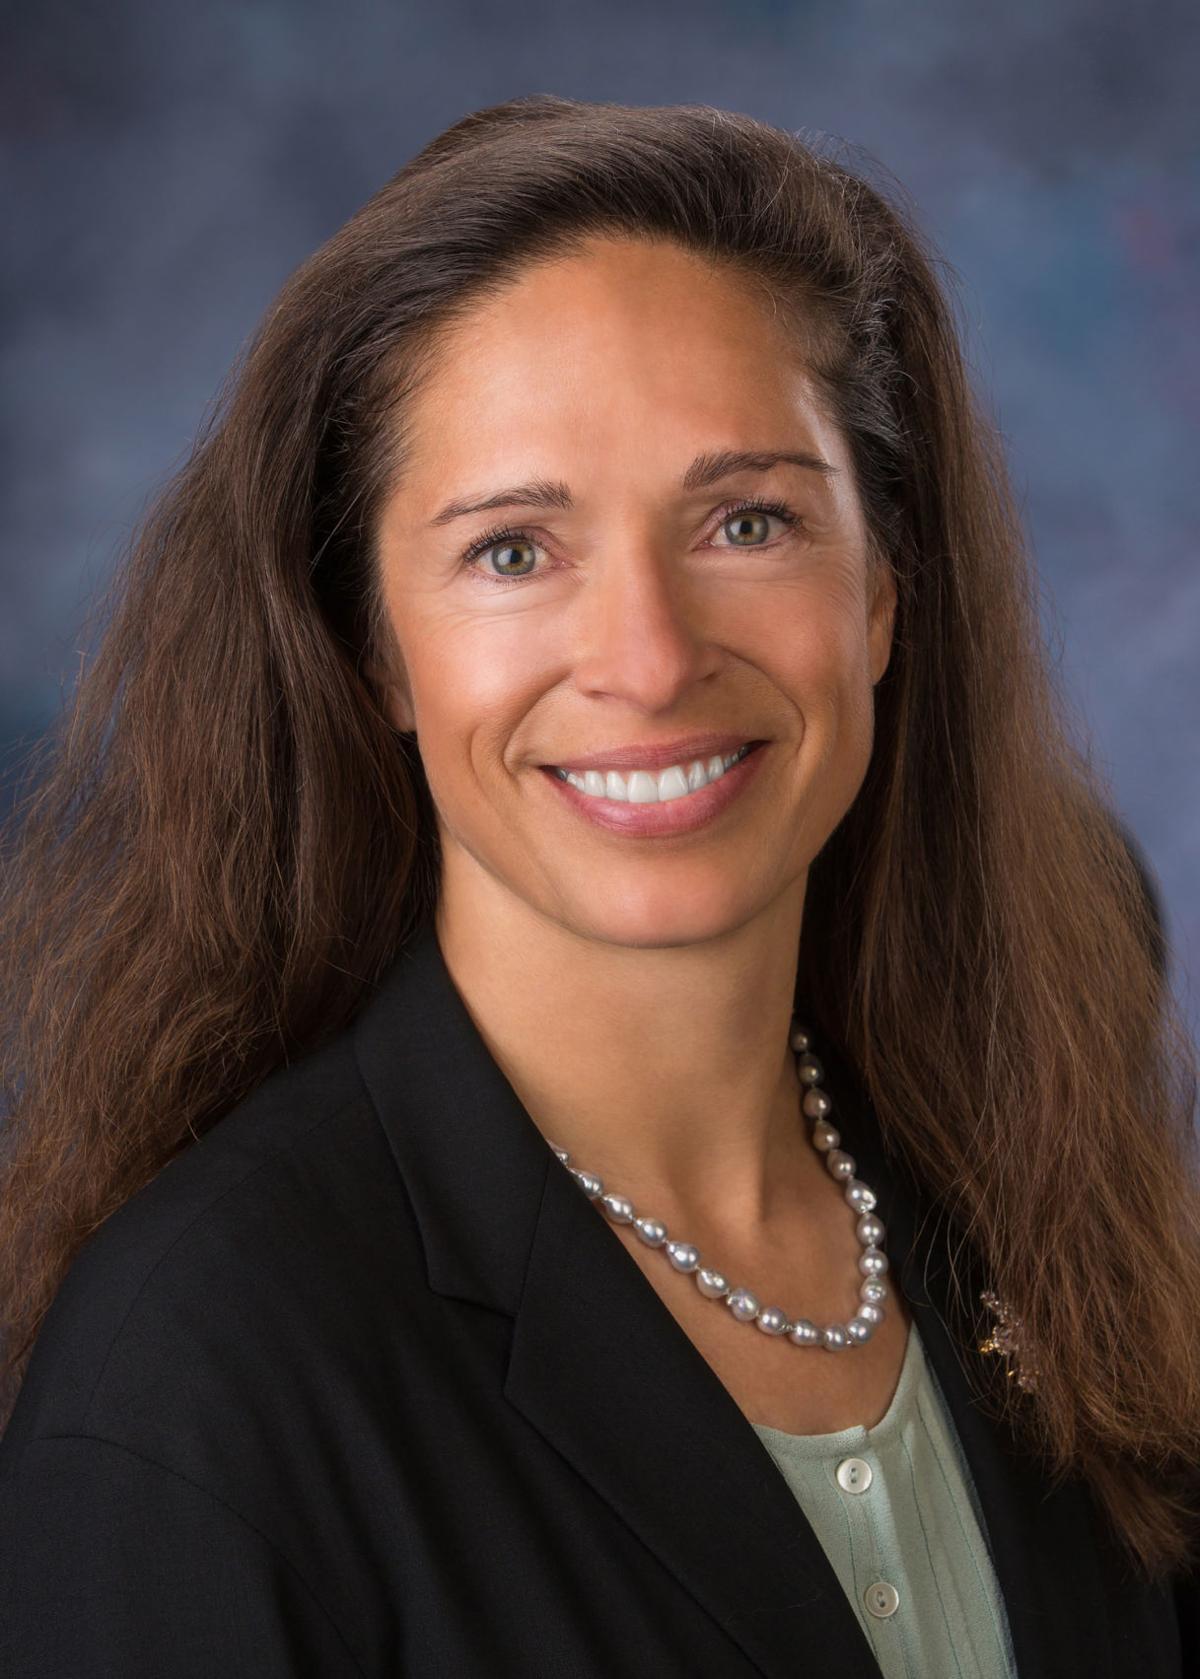 Michelle R. Stennett